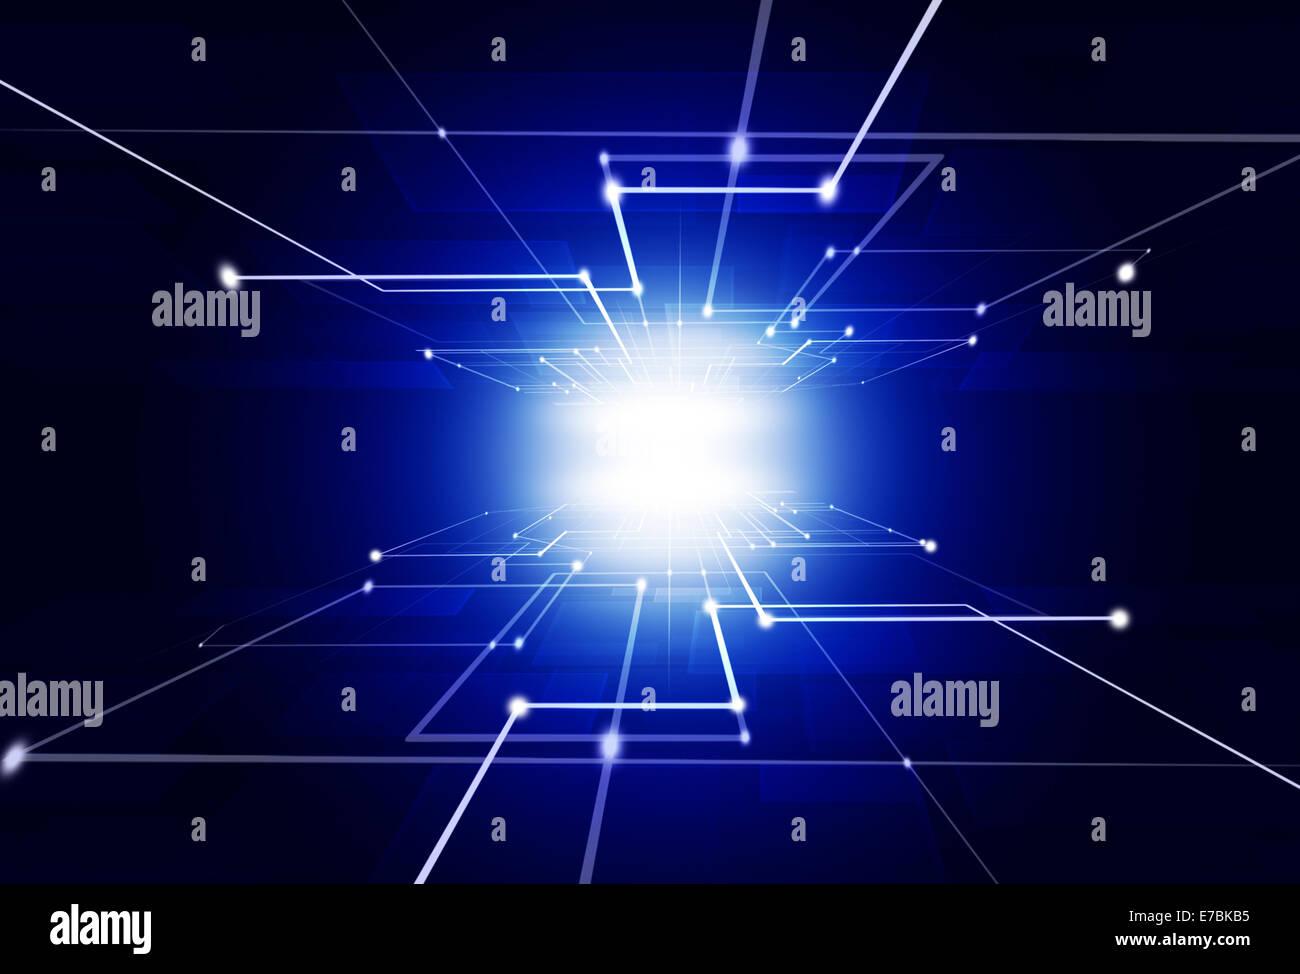 Tecnología abstrcat business connection fondo azul oscuro Imagen De Stock